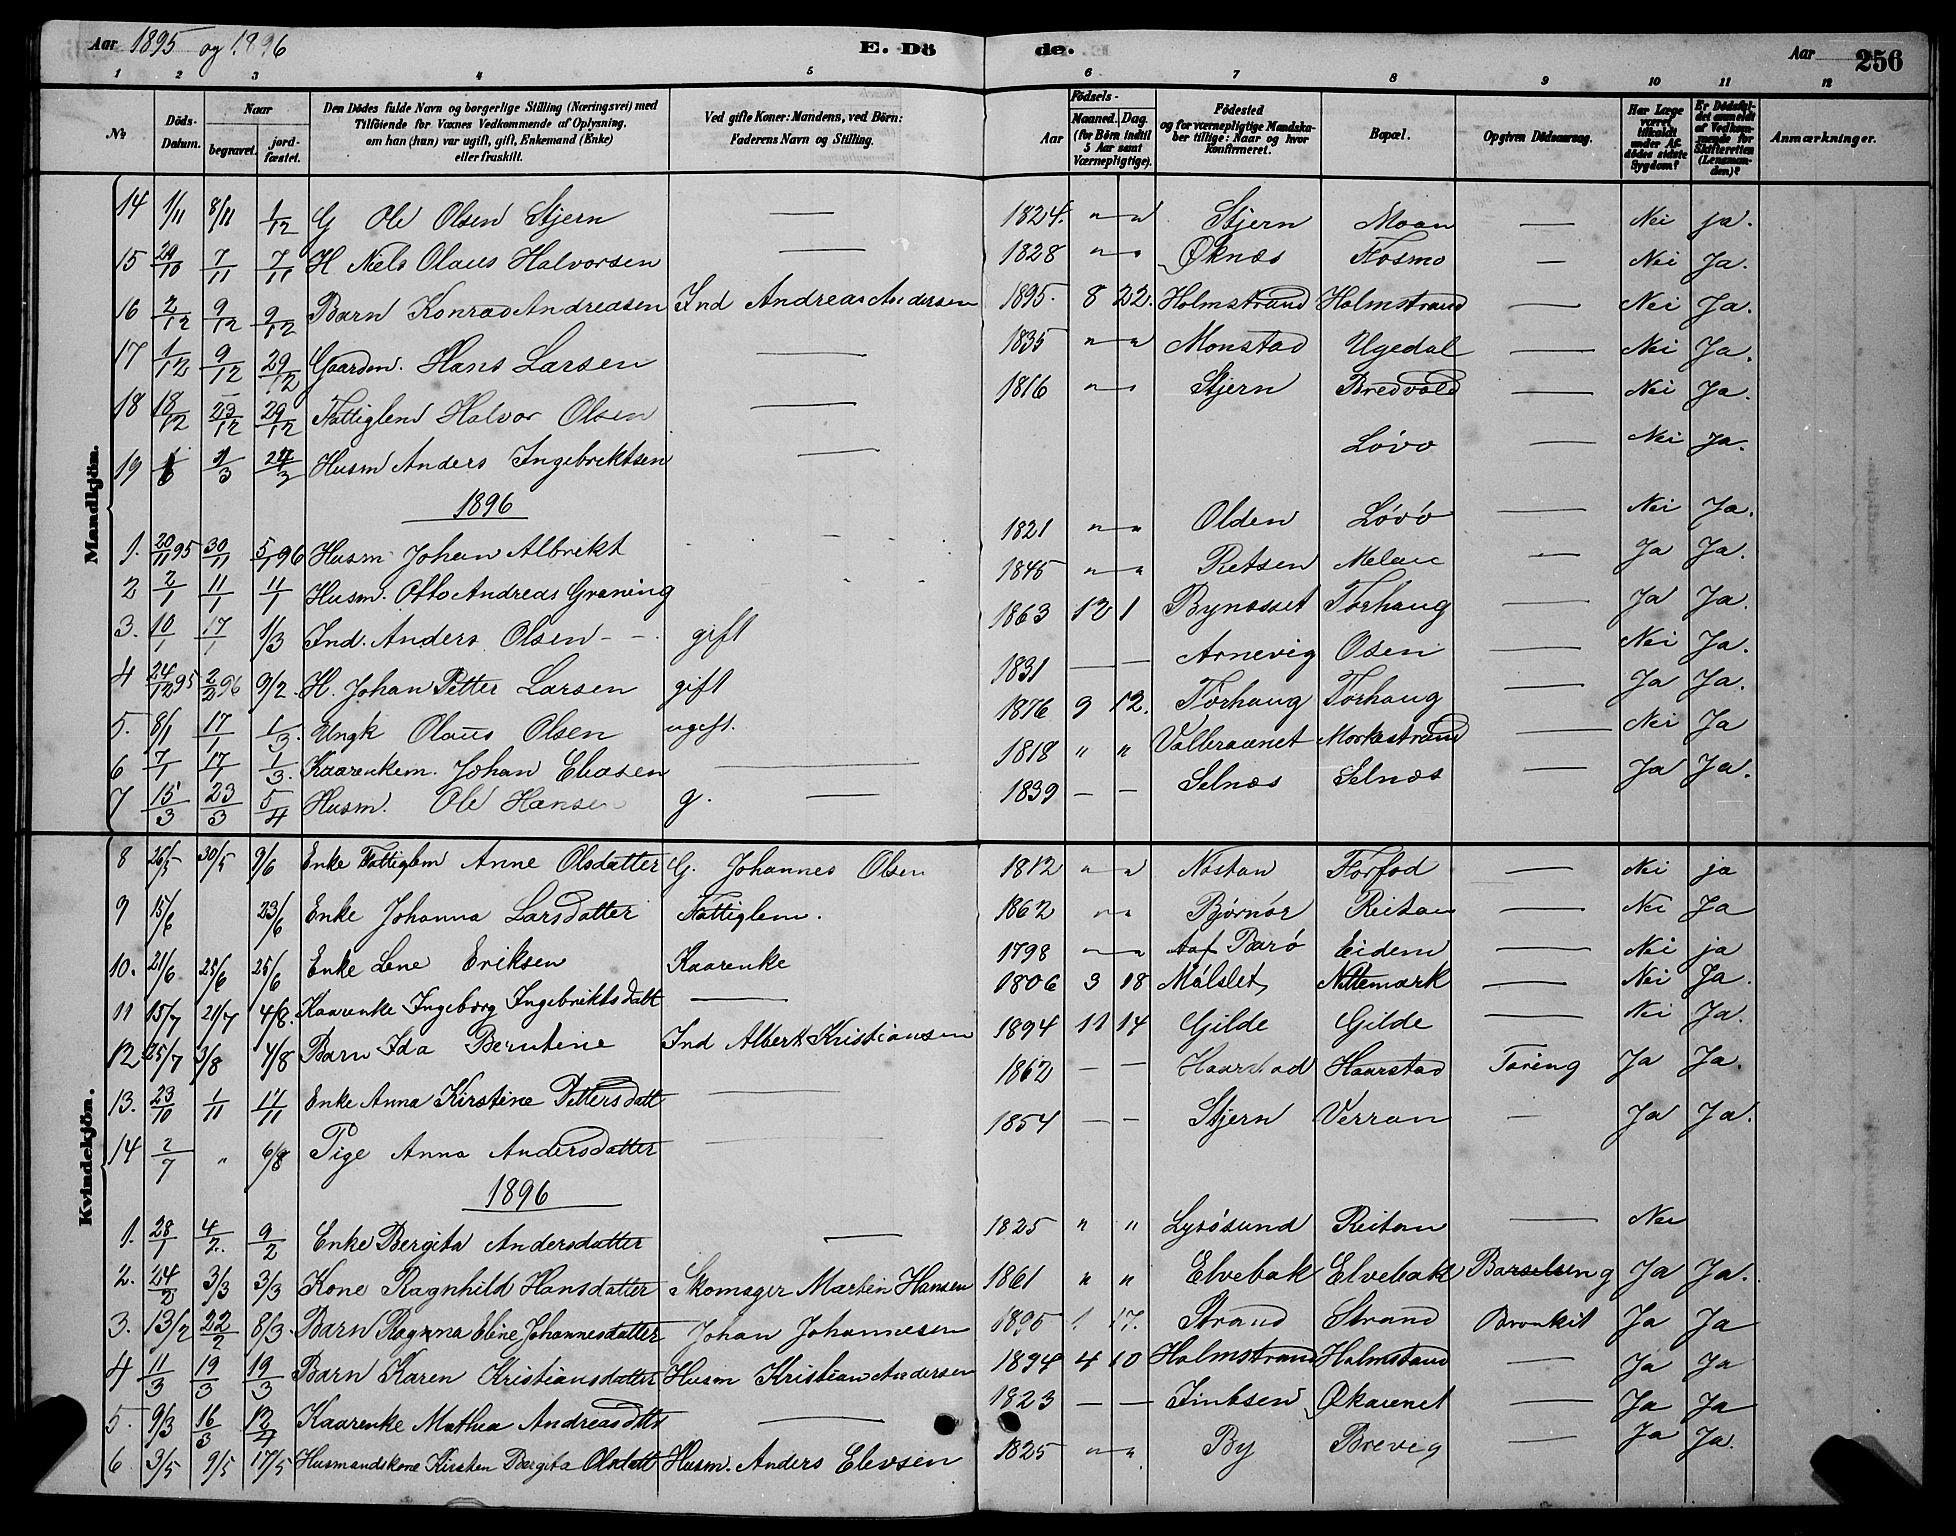 SAT, Ministerialprotokoller, klokkerbøker og fødselsregistre - Sør-Trøndelag, 655/L0687: Klokkerbok nr. 655C03, 1880-1898, s. 256